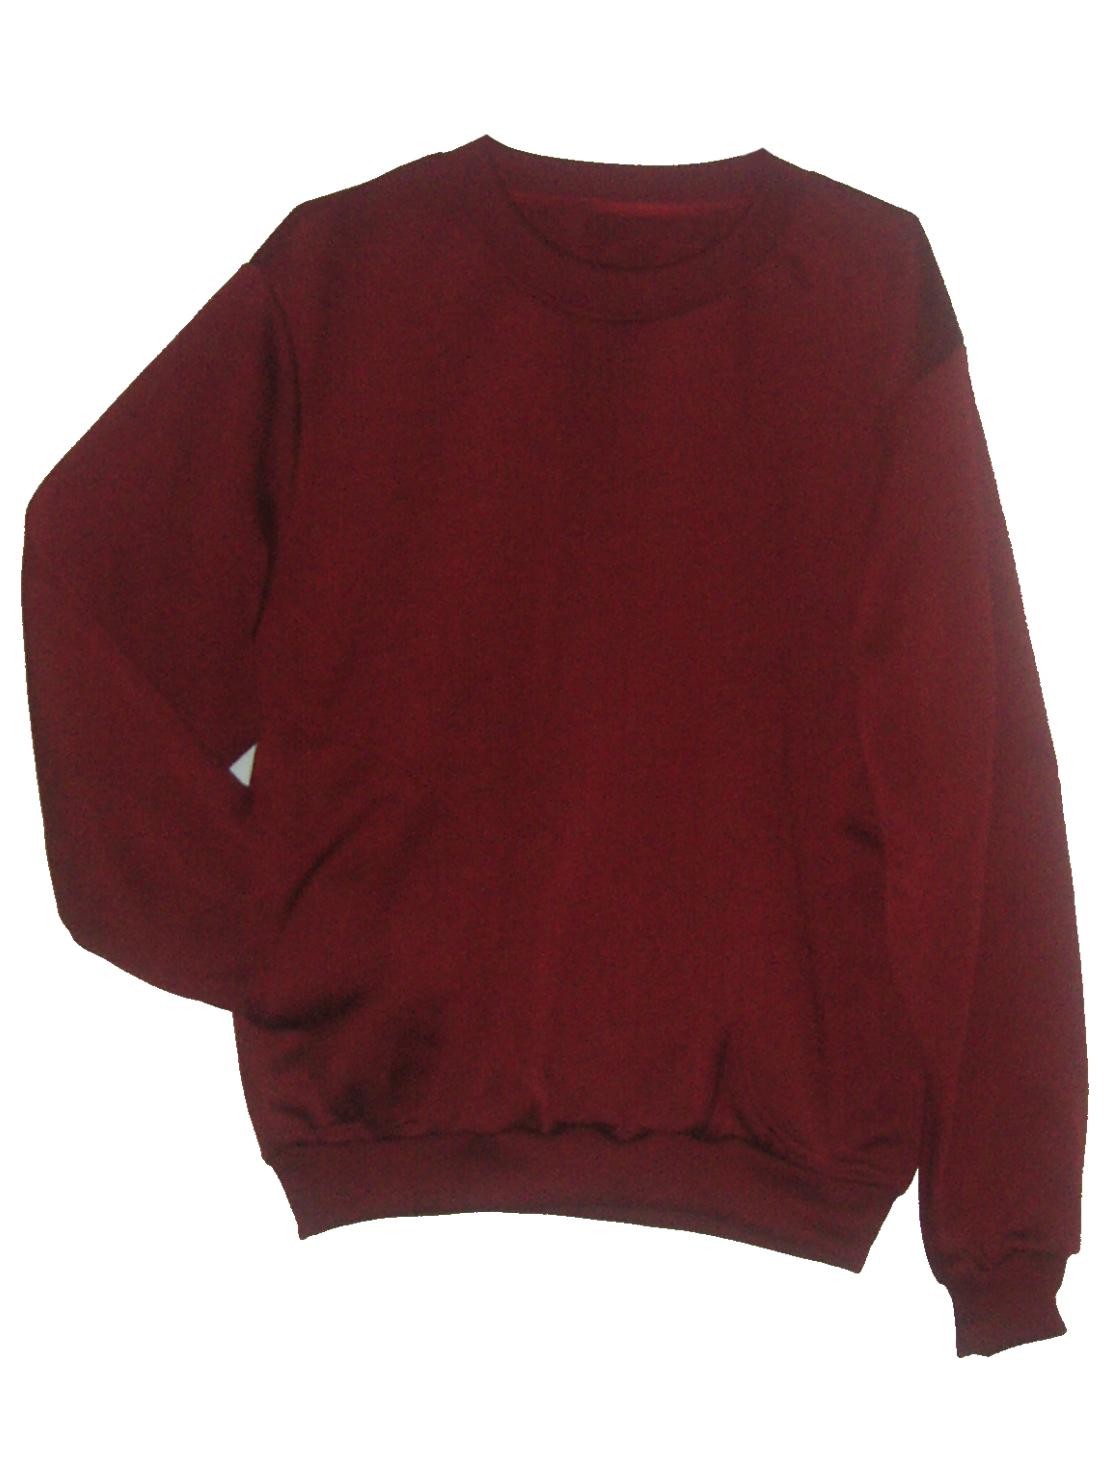 เสื้อคอกลม กันหนาว สีแดงเลือดนก